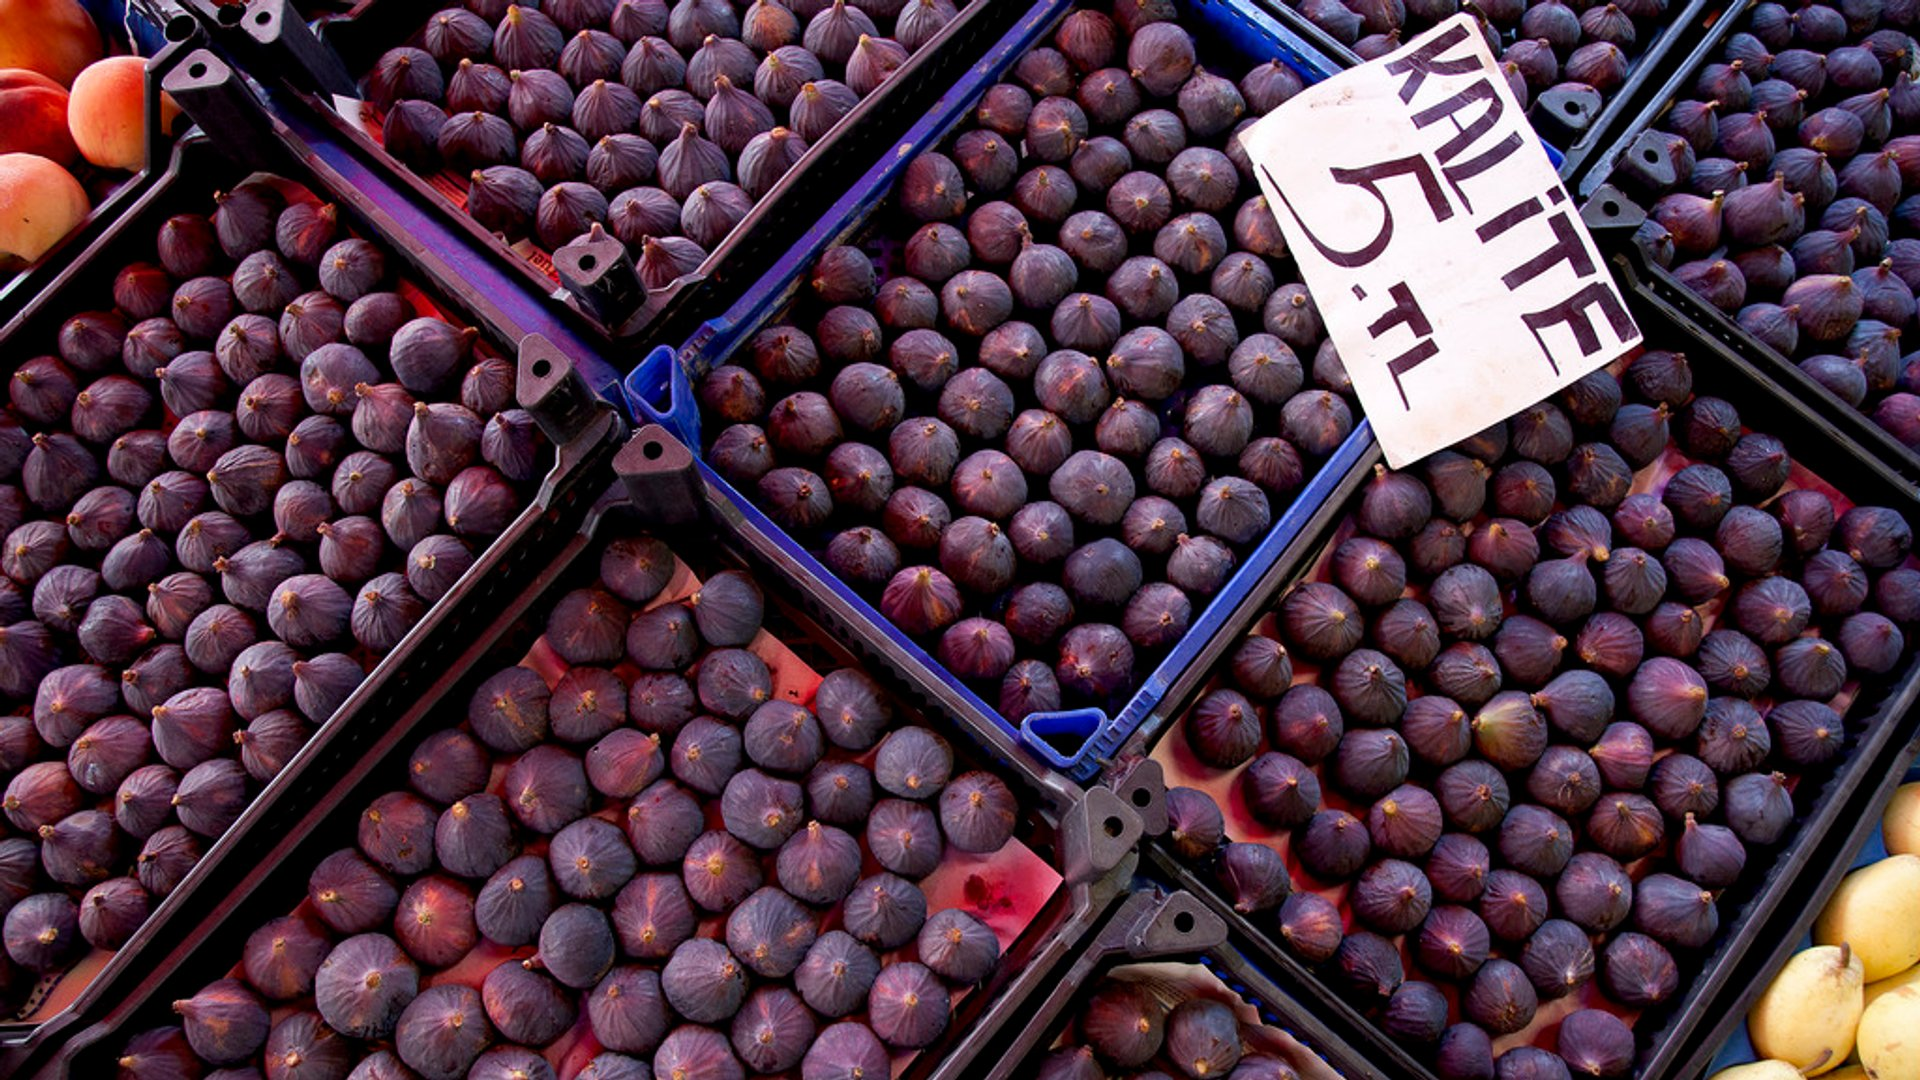 Fresh Figs in Turkey - Best Season 2020